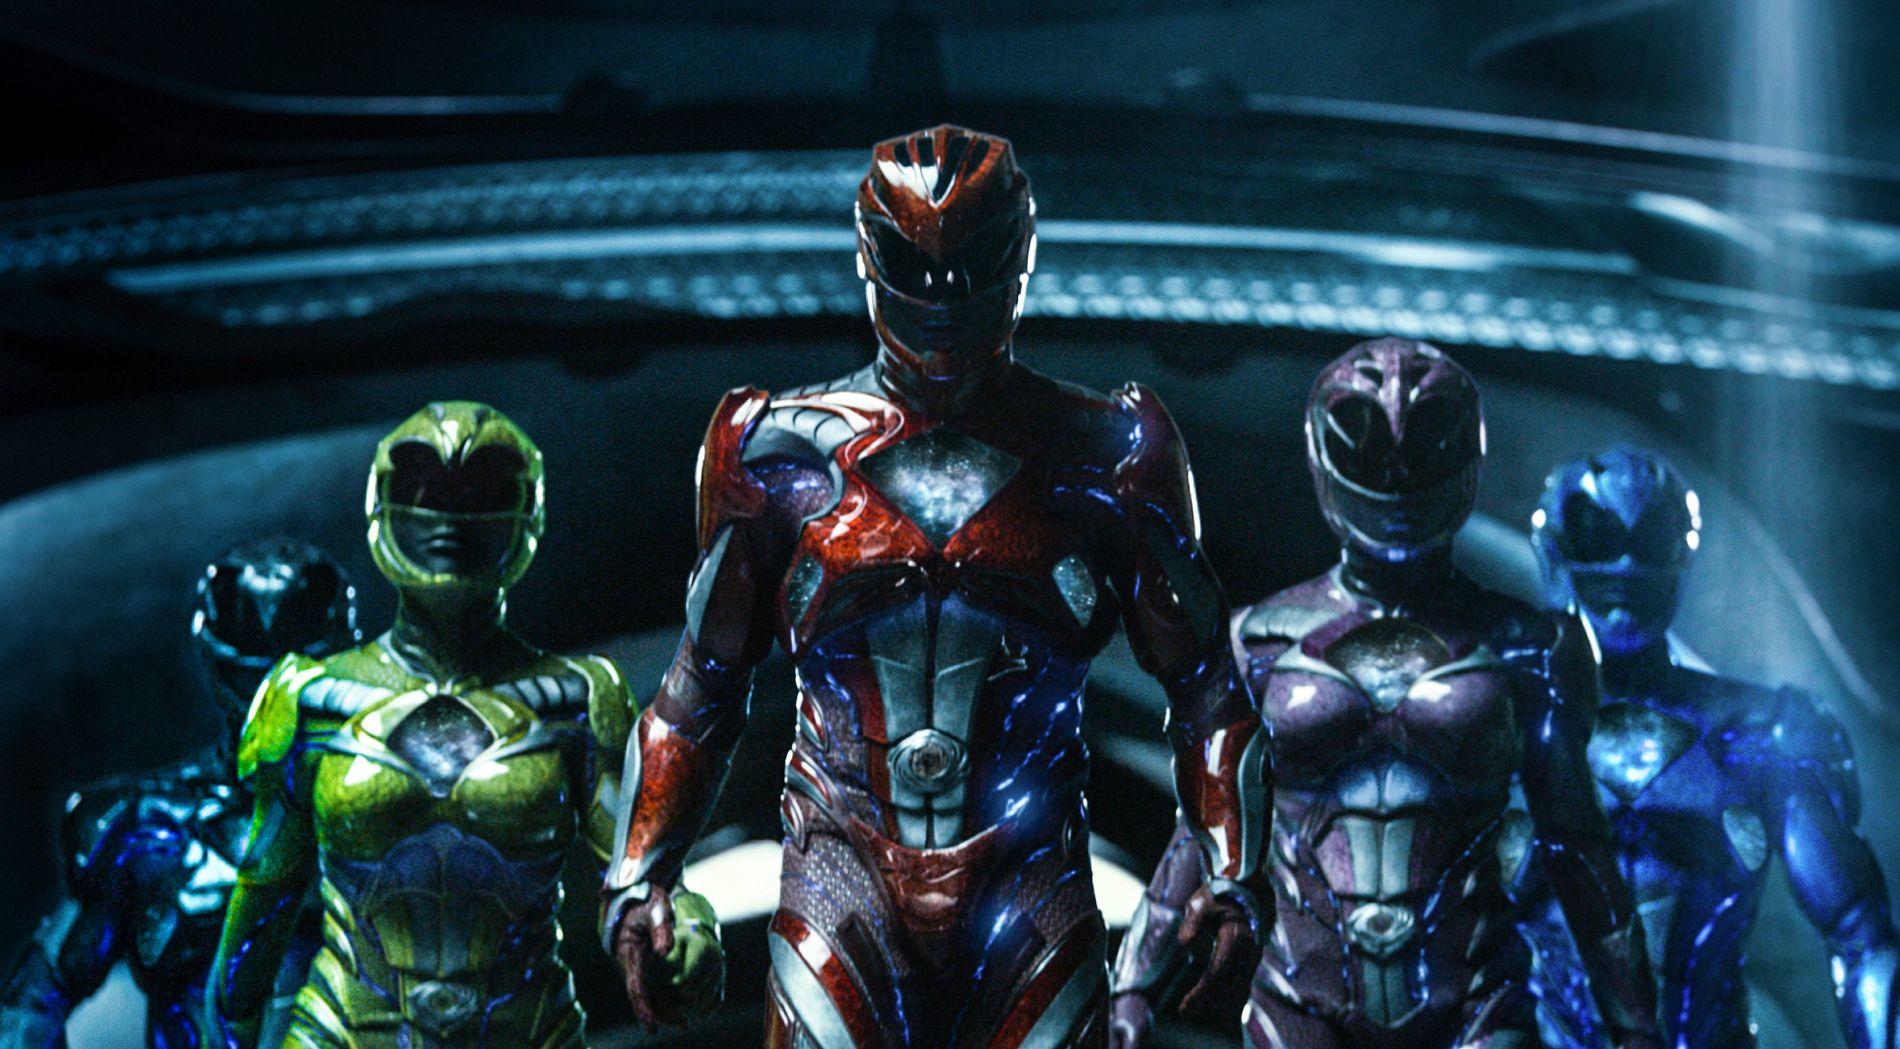 KITSJ-POTENSIALE: Slik vi kjenner «Power Rangers».